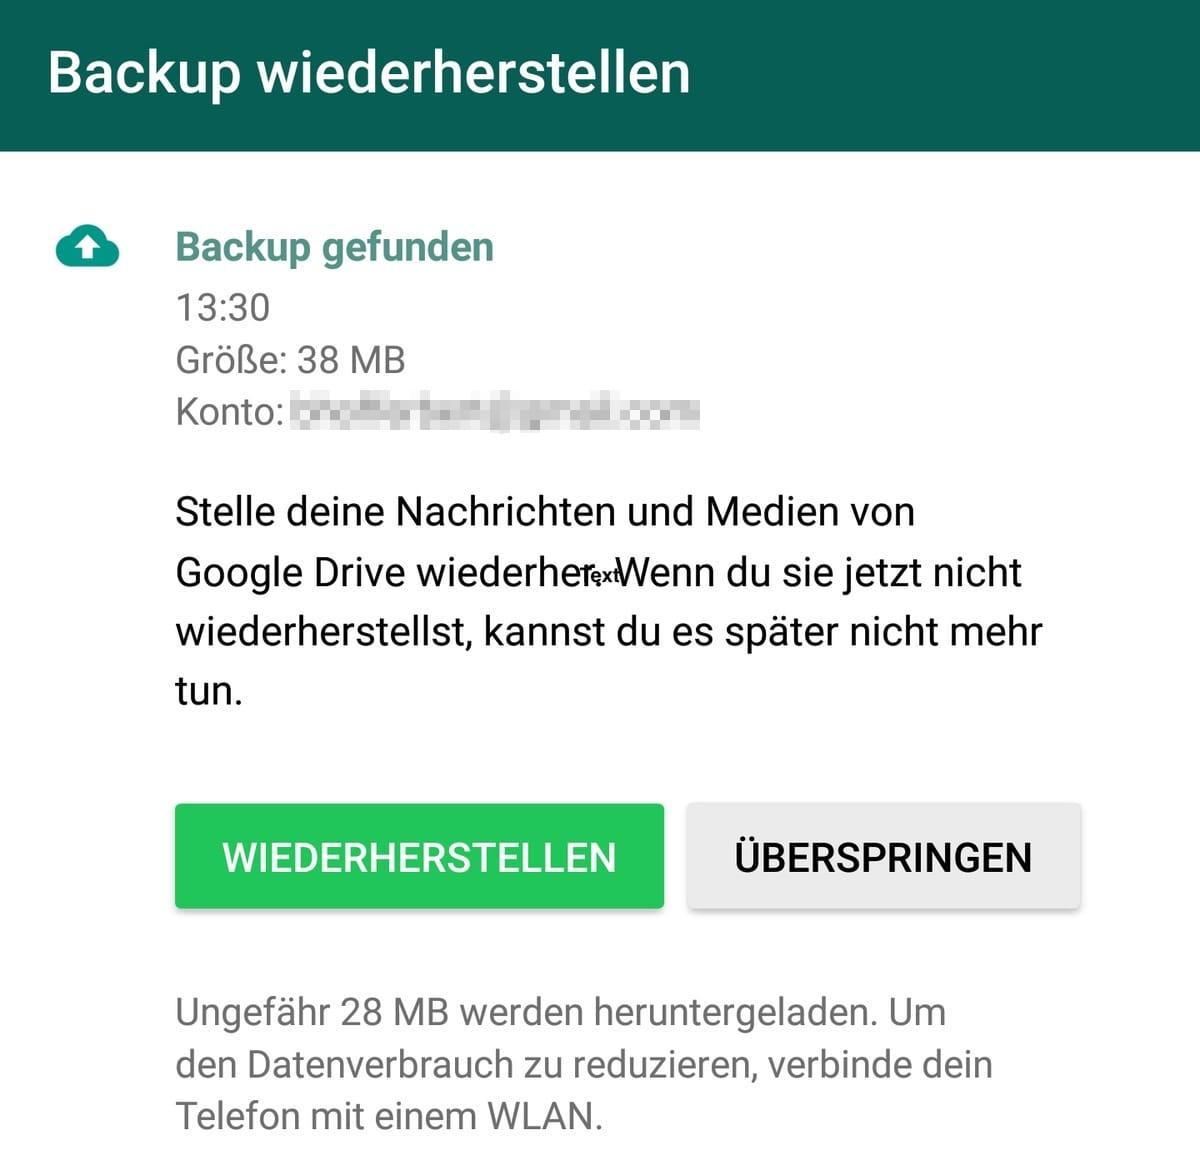 WhatsApp Backup Wiederhersten